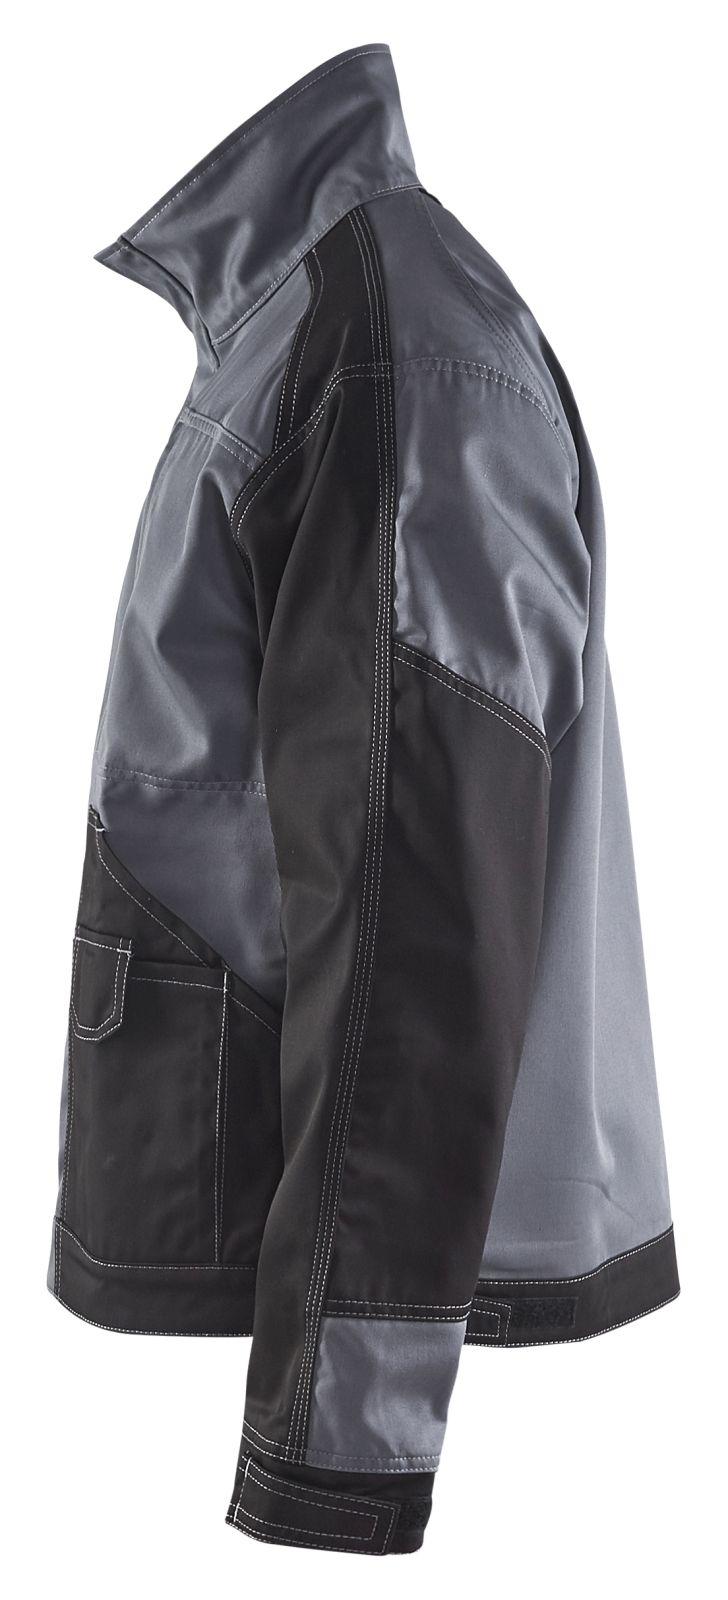 Blaklader Combi-jacks 40631860 grijs-zwart(9499)